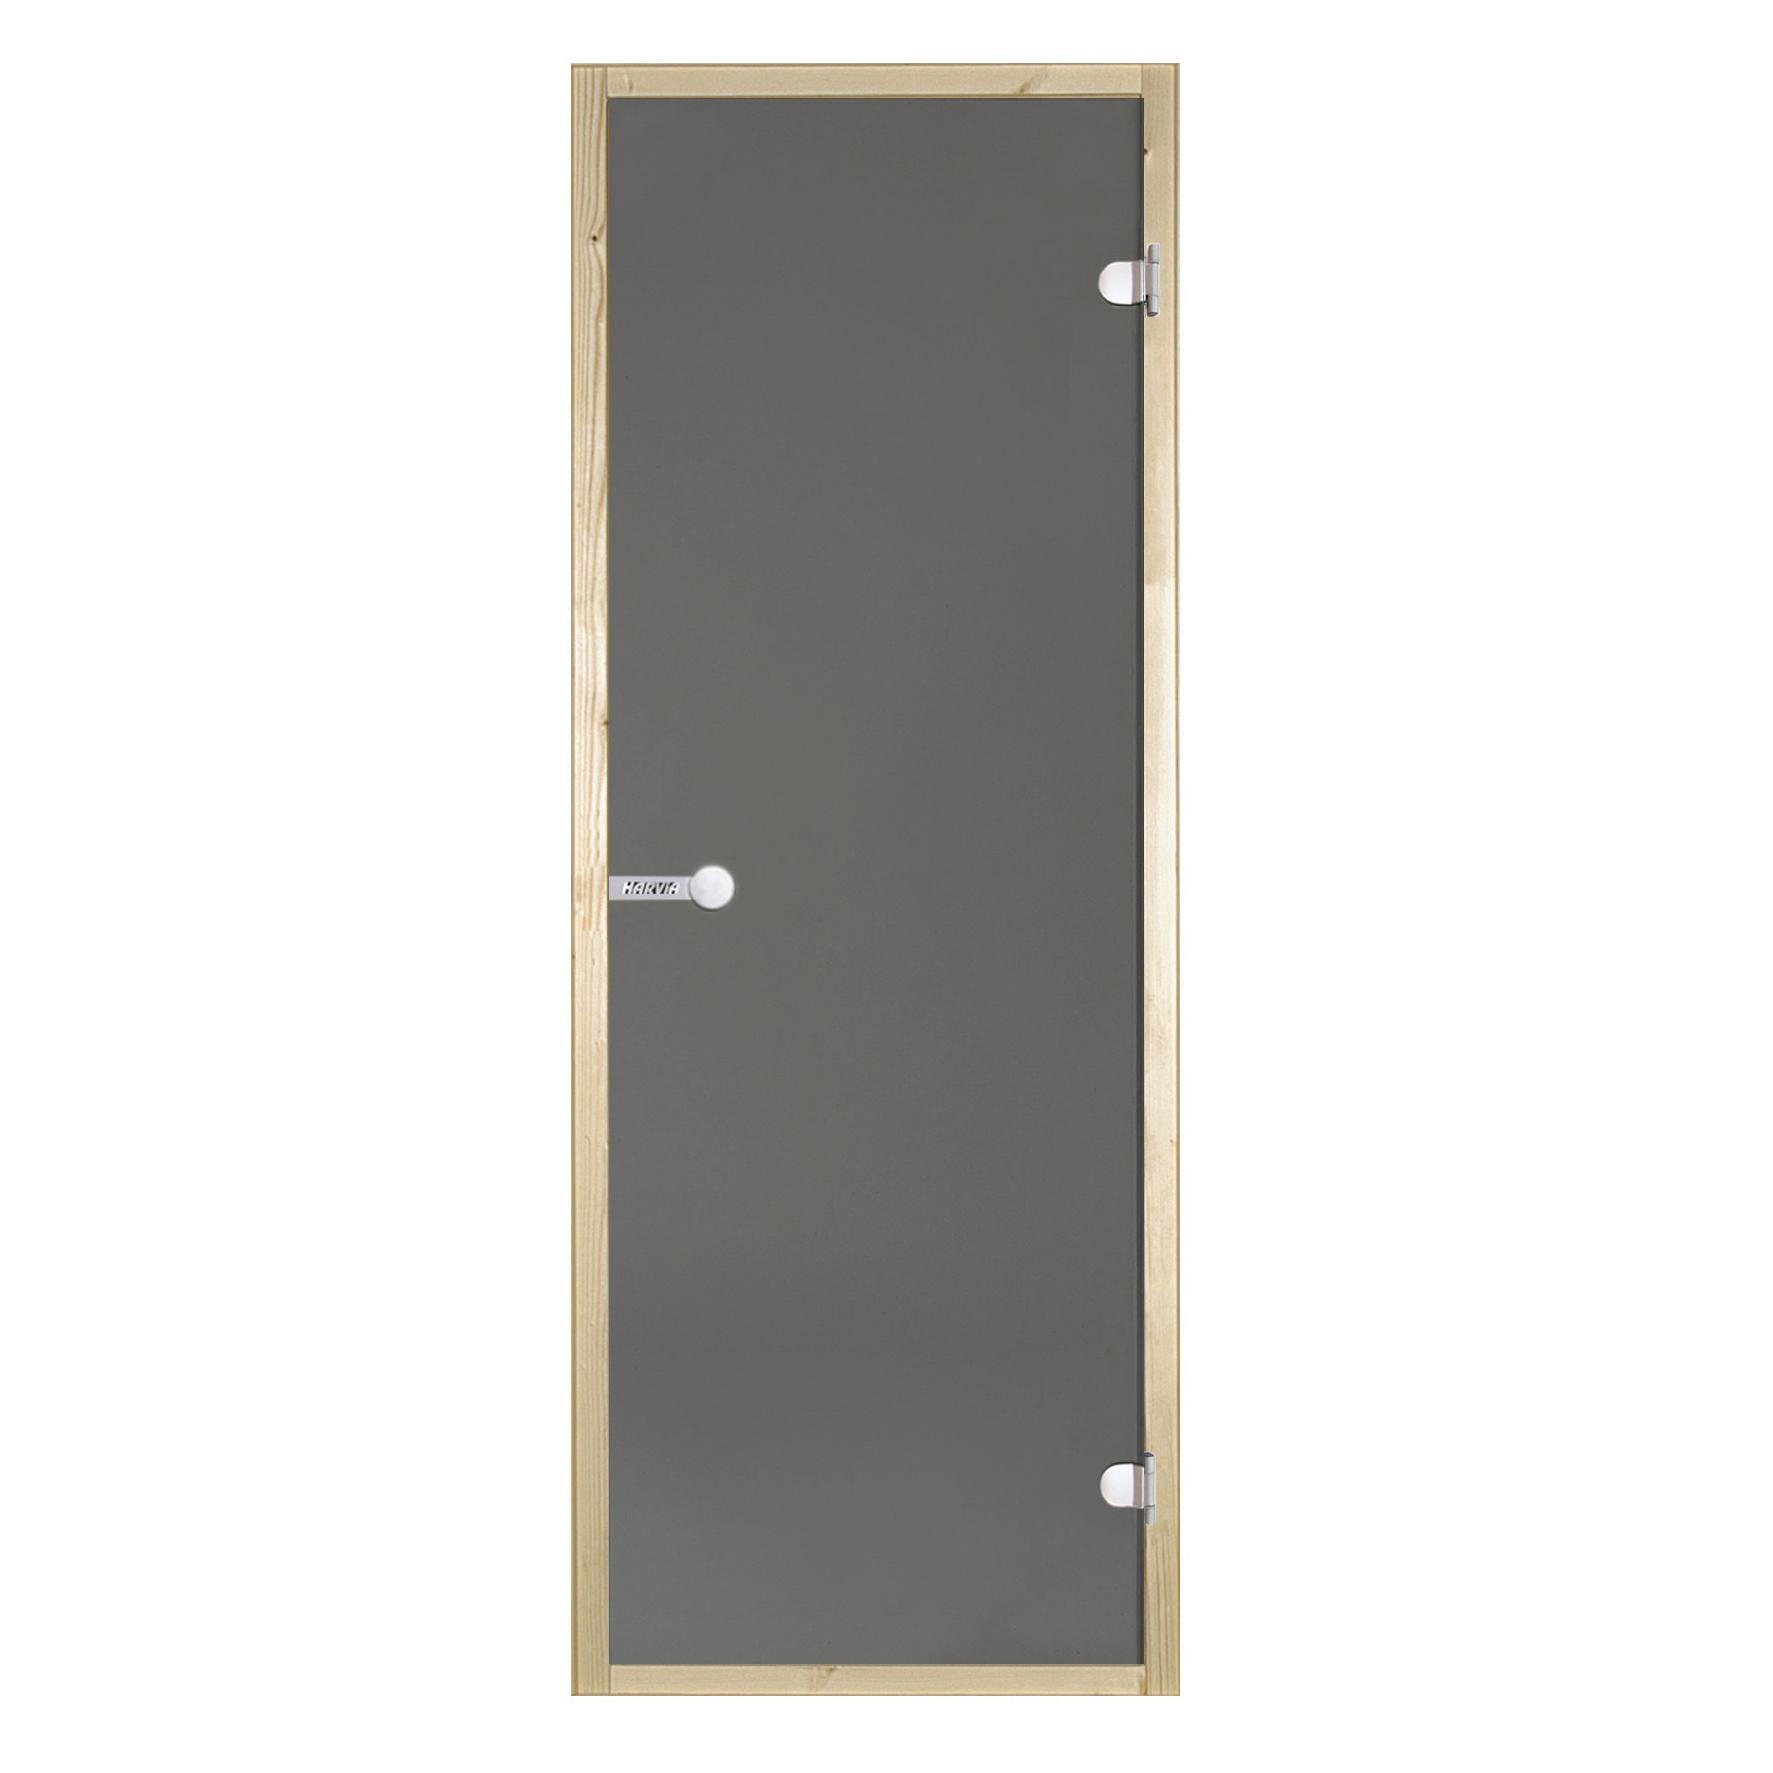 HARVIA Двери стеклянные 8/21 коробка сосна, серая D82102M